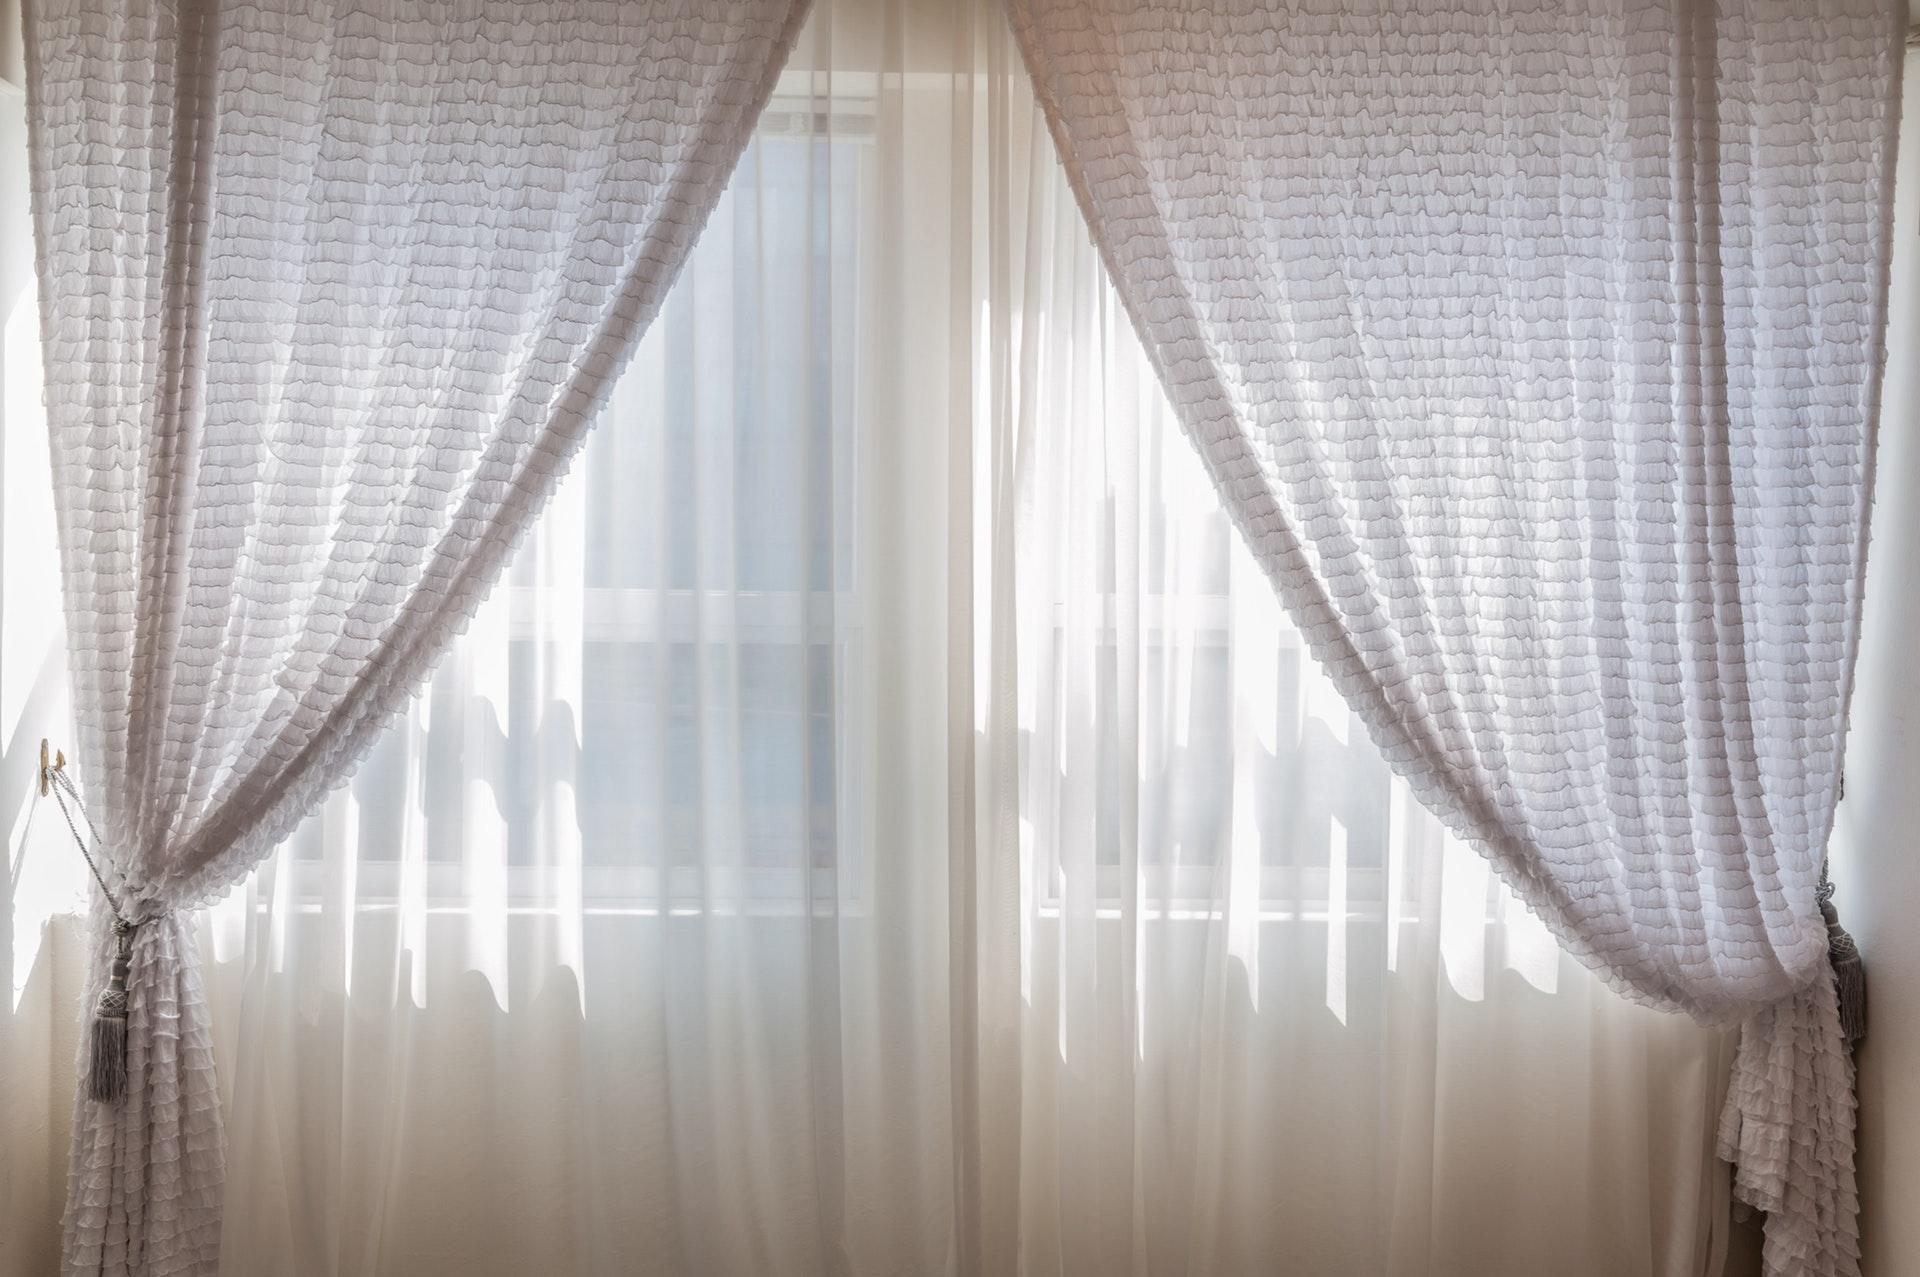 soveværelse, gardiner, bolig, indretning, sommer, lur, søvn, sove